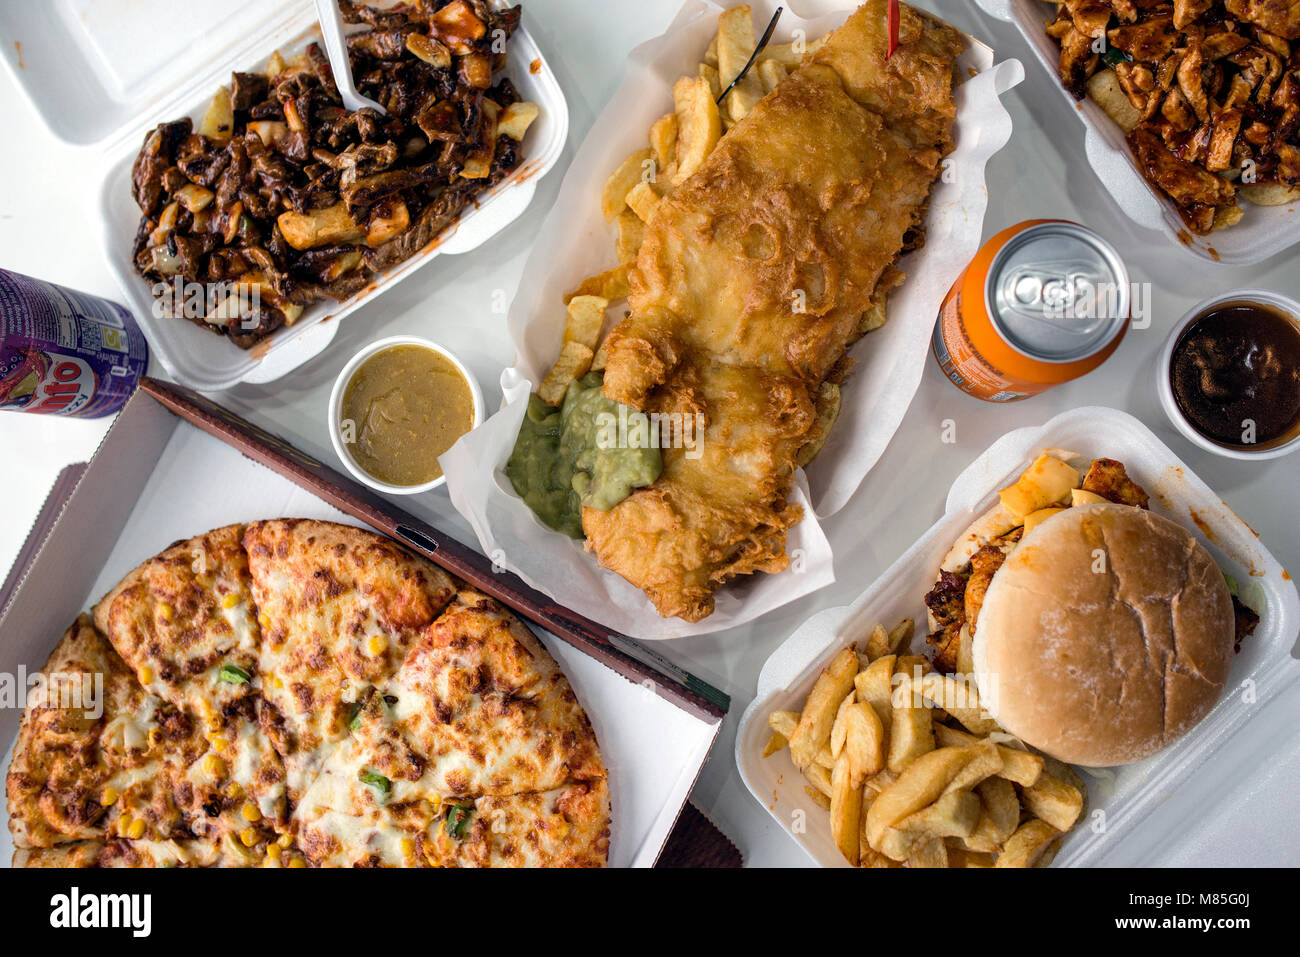 Fisch und Chips, Junk Food von Oben Stockbild